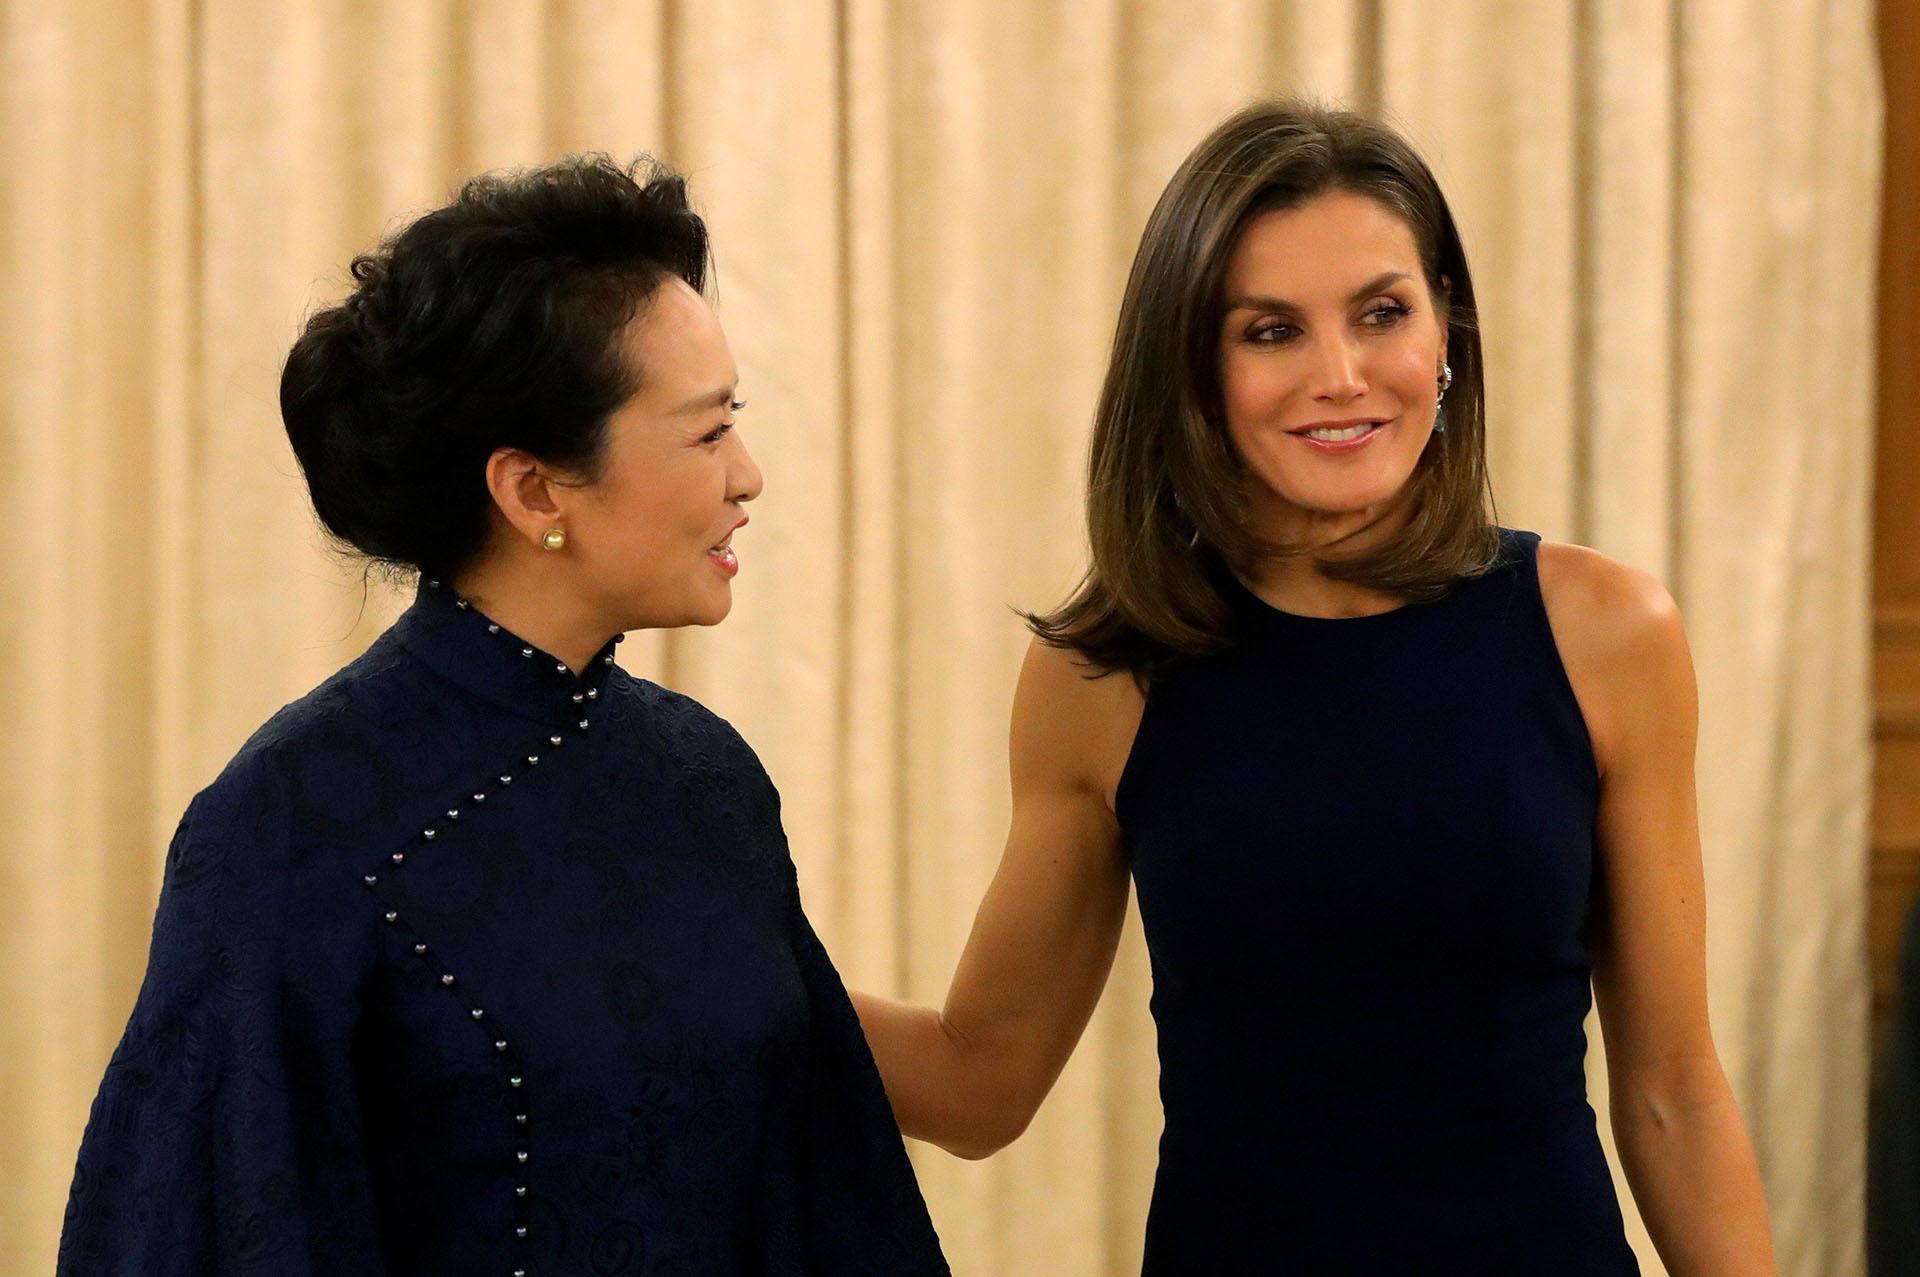 Letizia y Peng Liyuan conversaron animadamente durante la cena privada, que se llevó a cabo en el Palacio de la Zarzuela